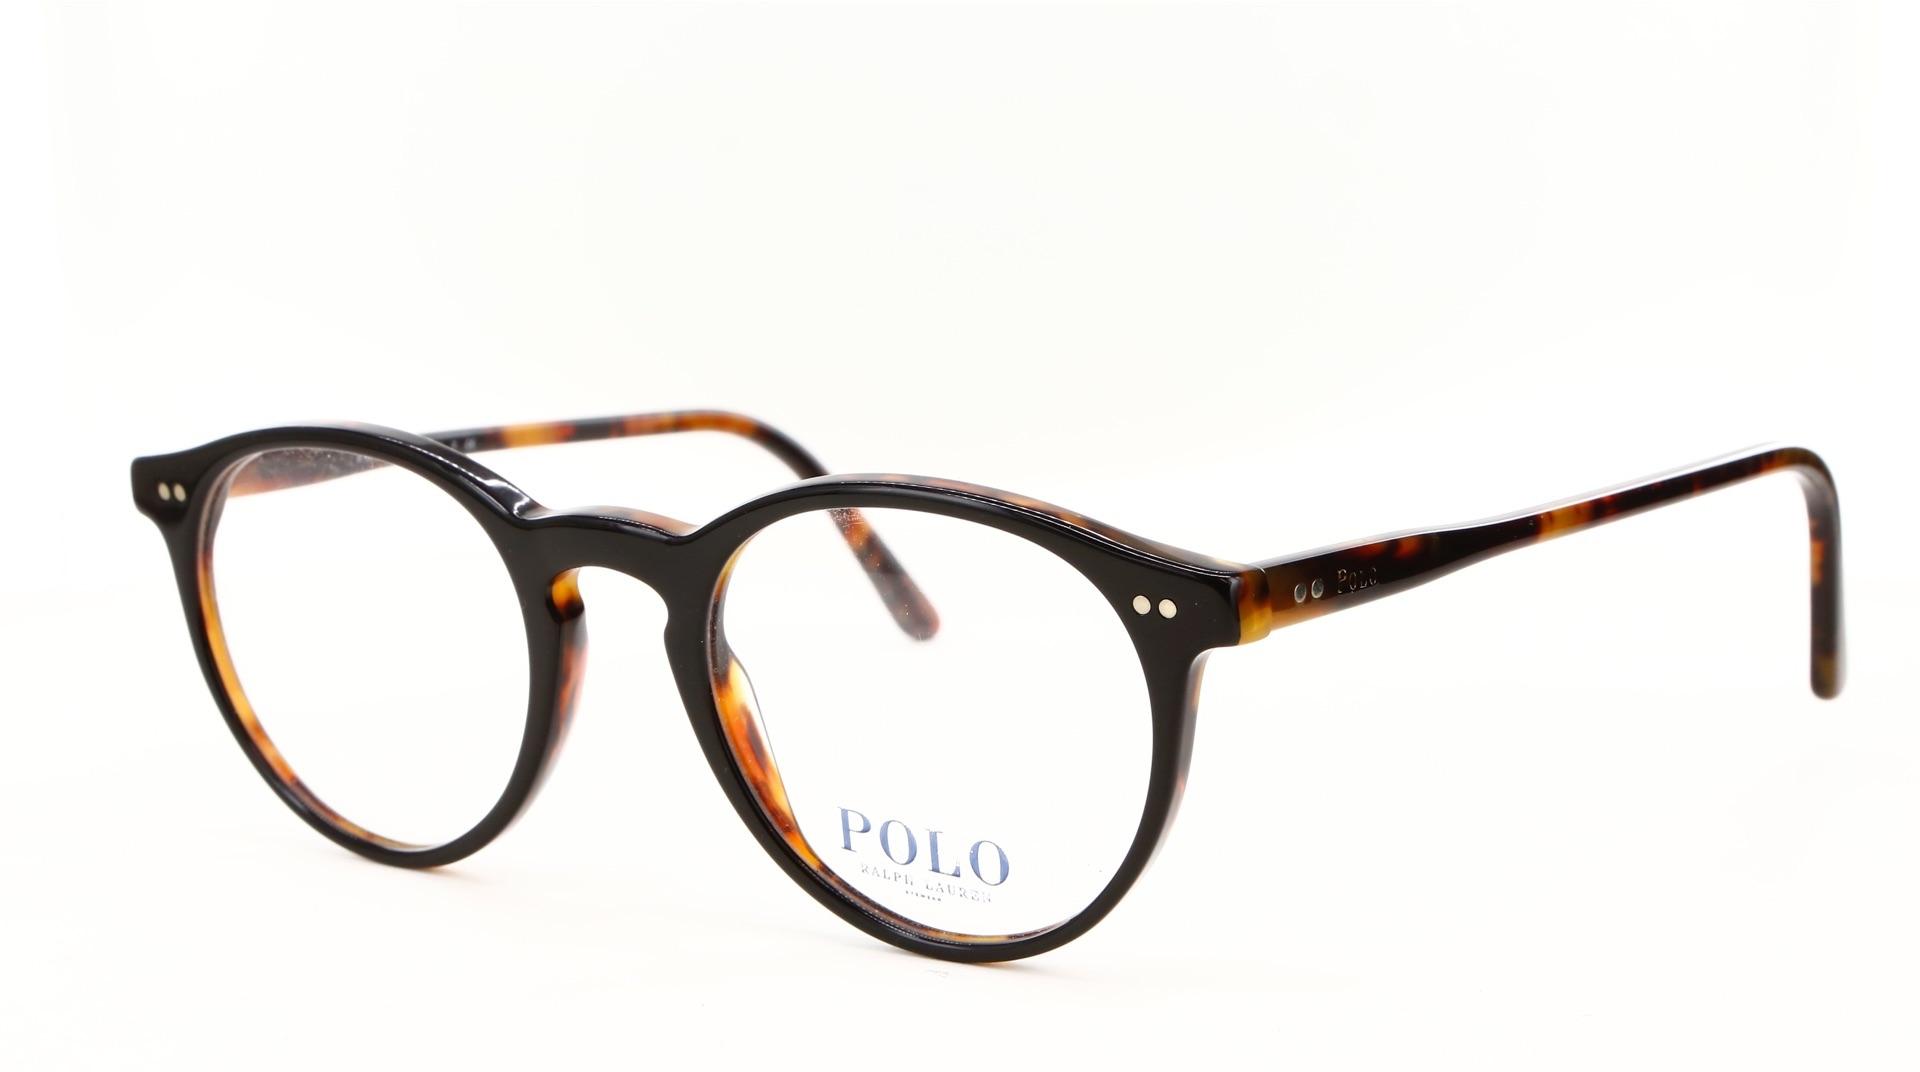 Polo Ralph Lauren - ref: 76351